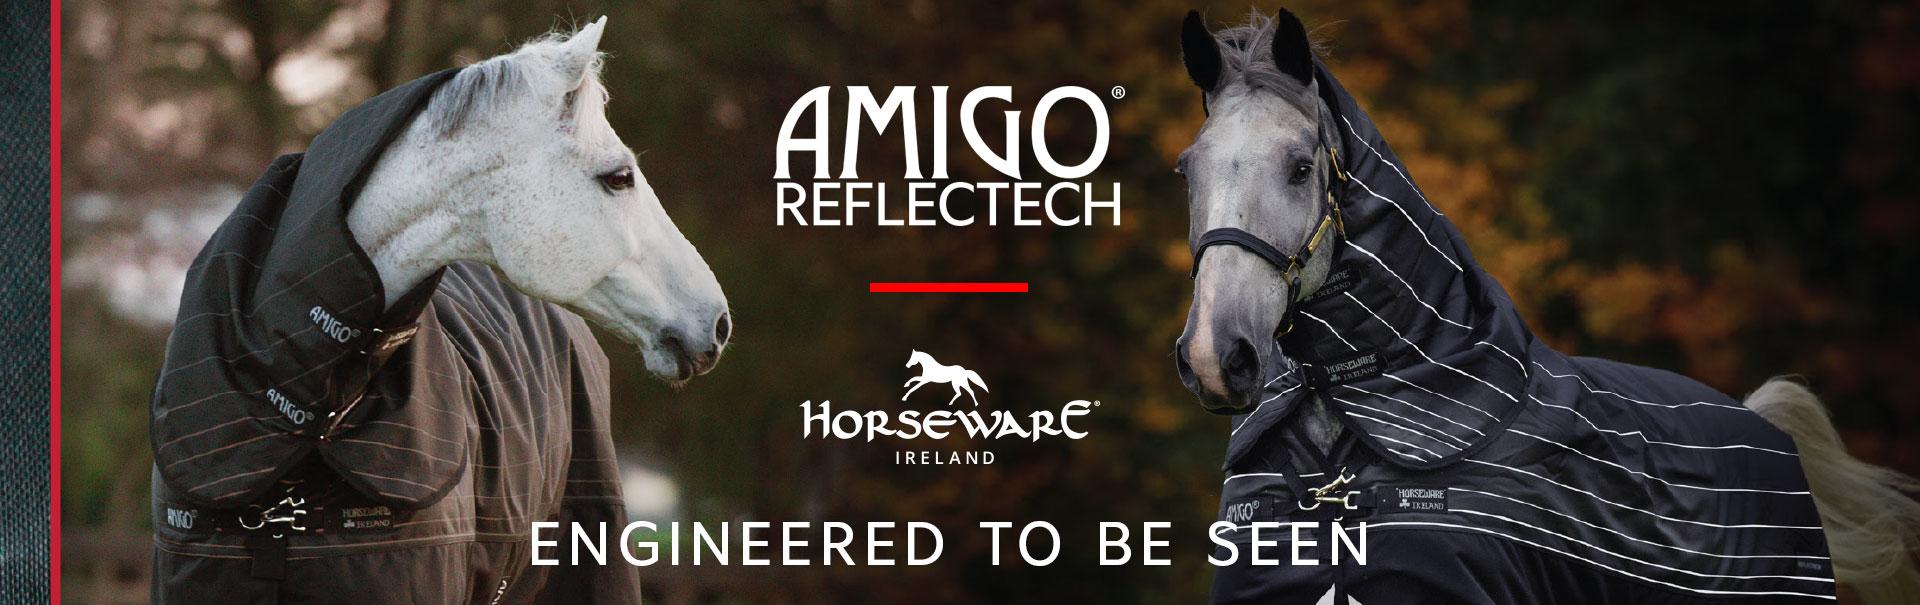 Horseware Amigo Reflectech